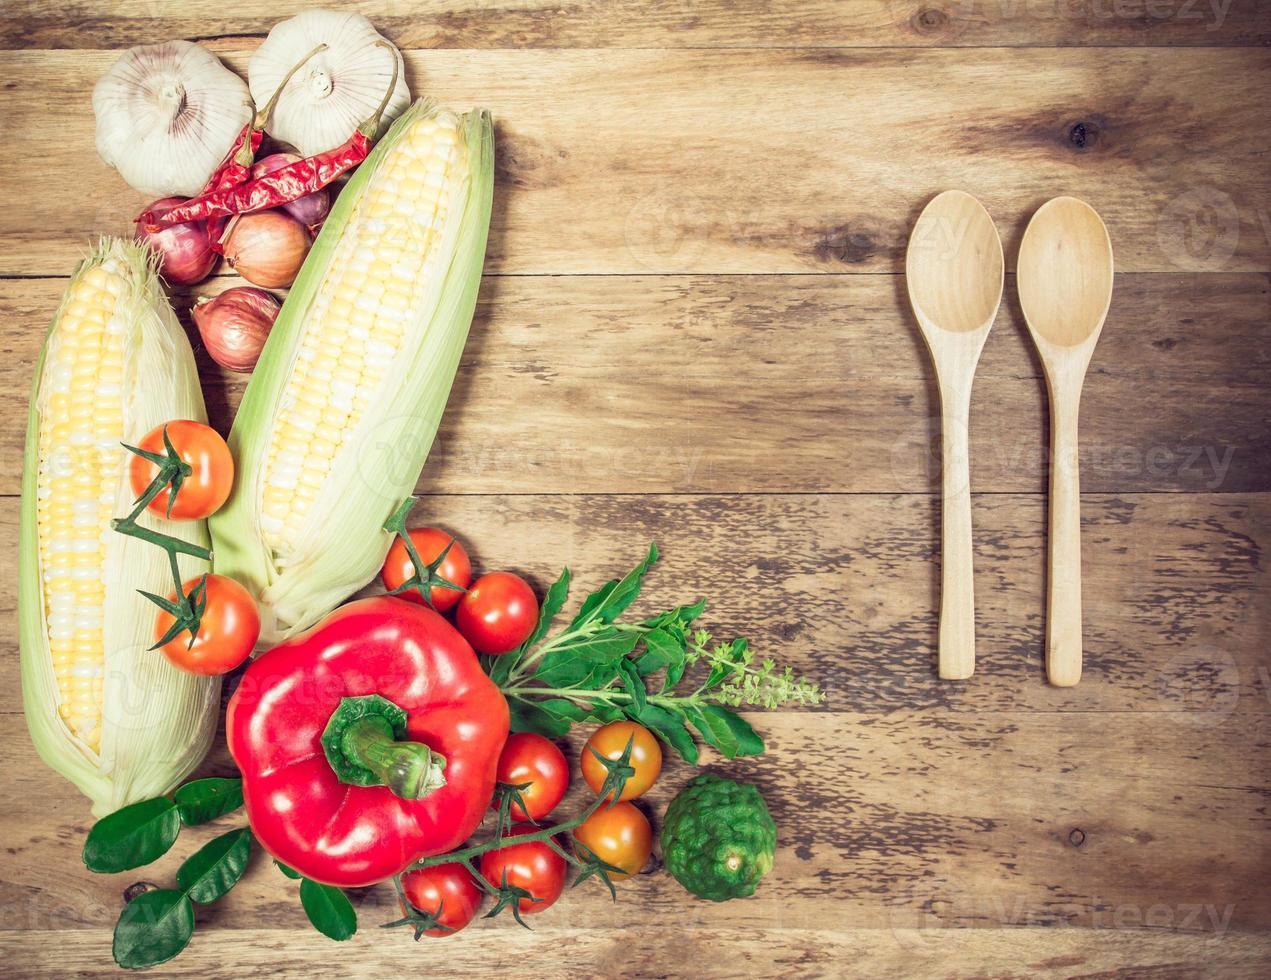 färska ekologiska grönsaker och kryddor på en träbakgrund. foto